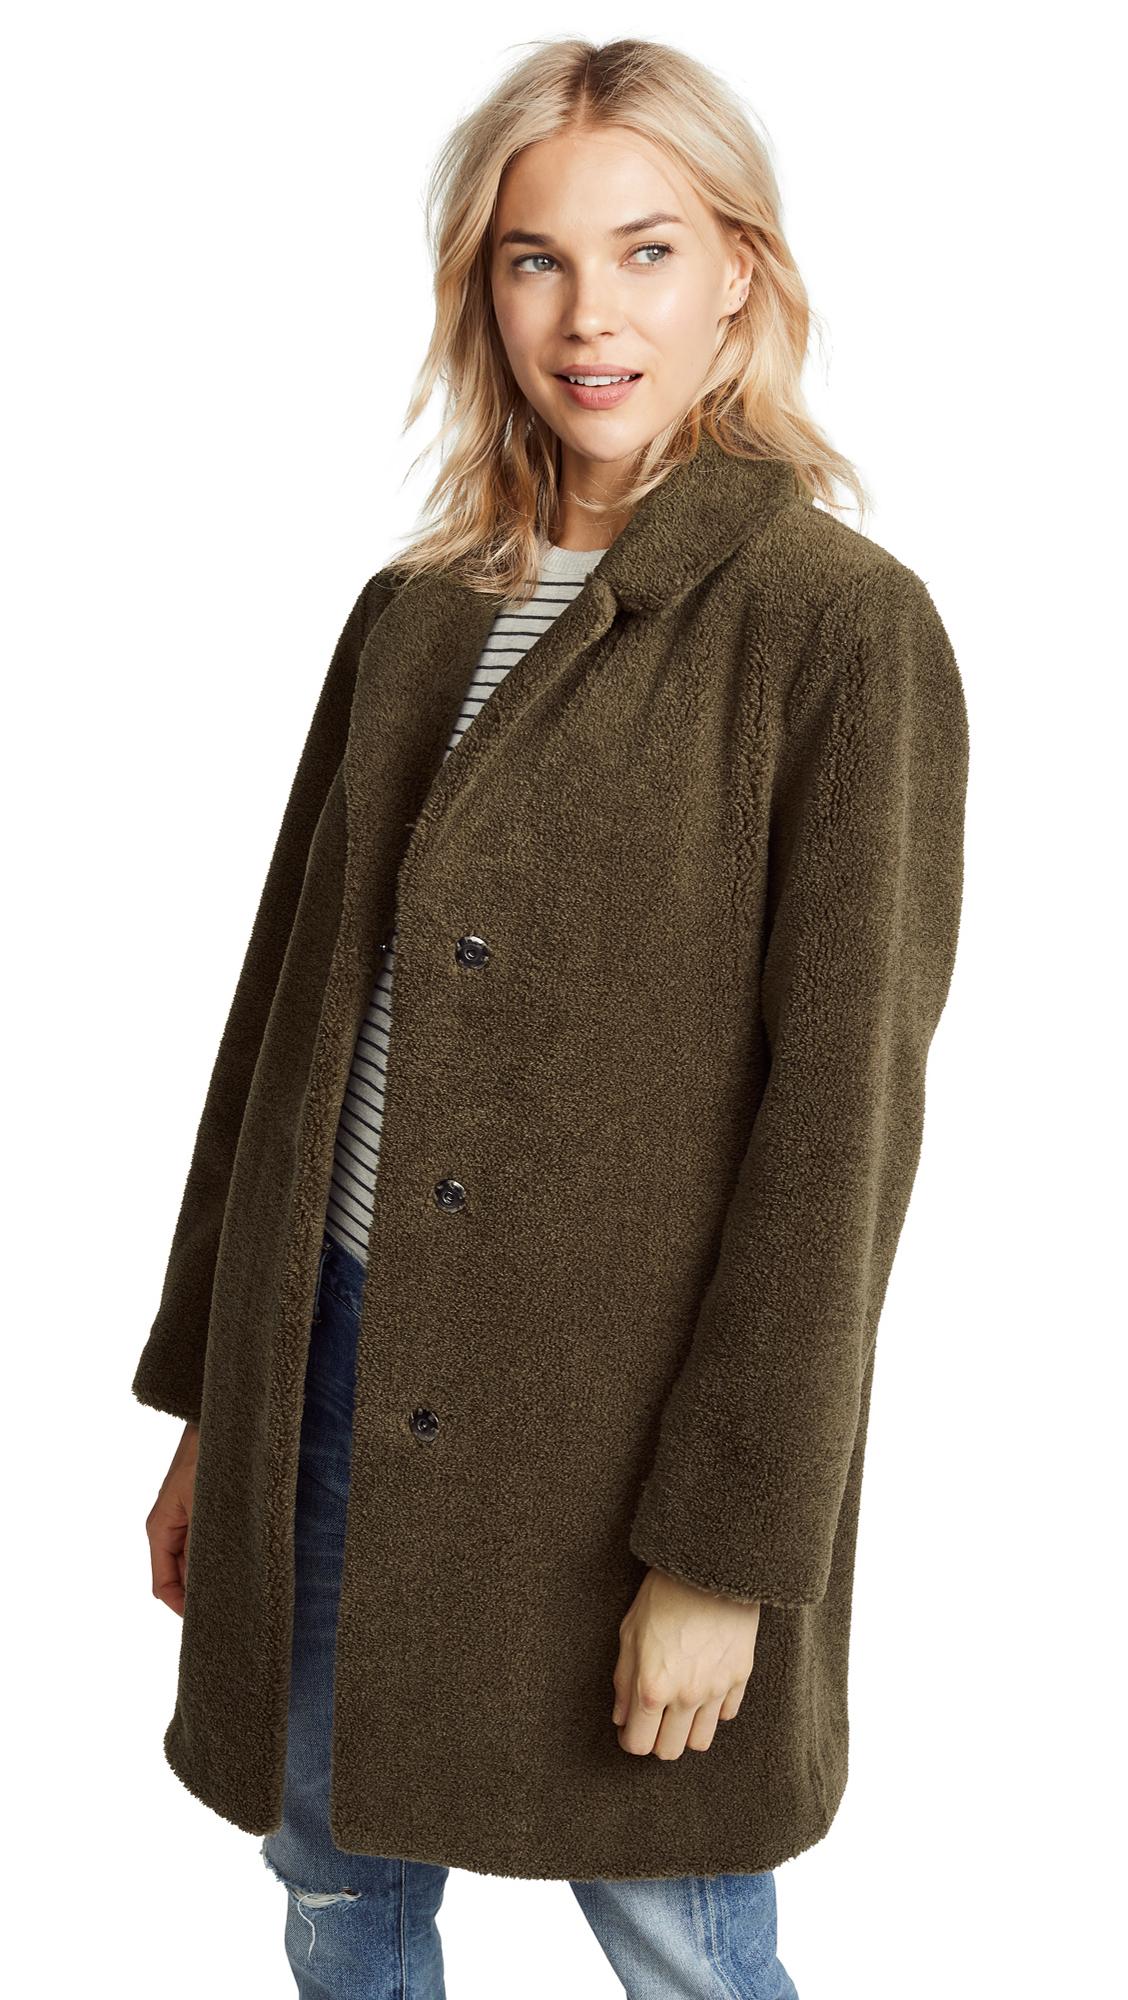 Velvet Trishelle Sherpa Coat In Olive